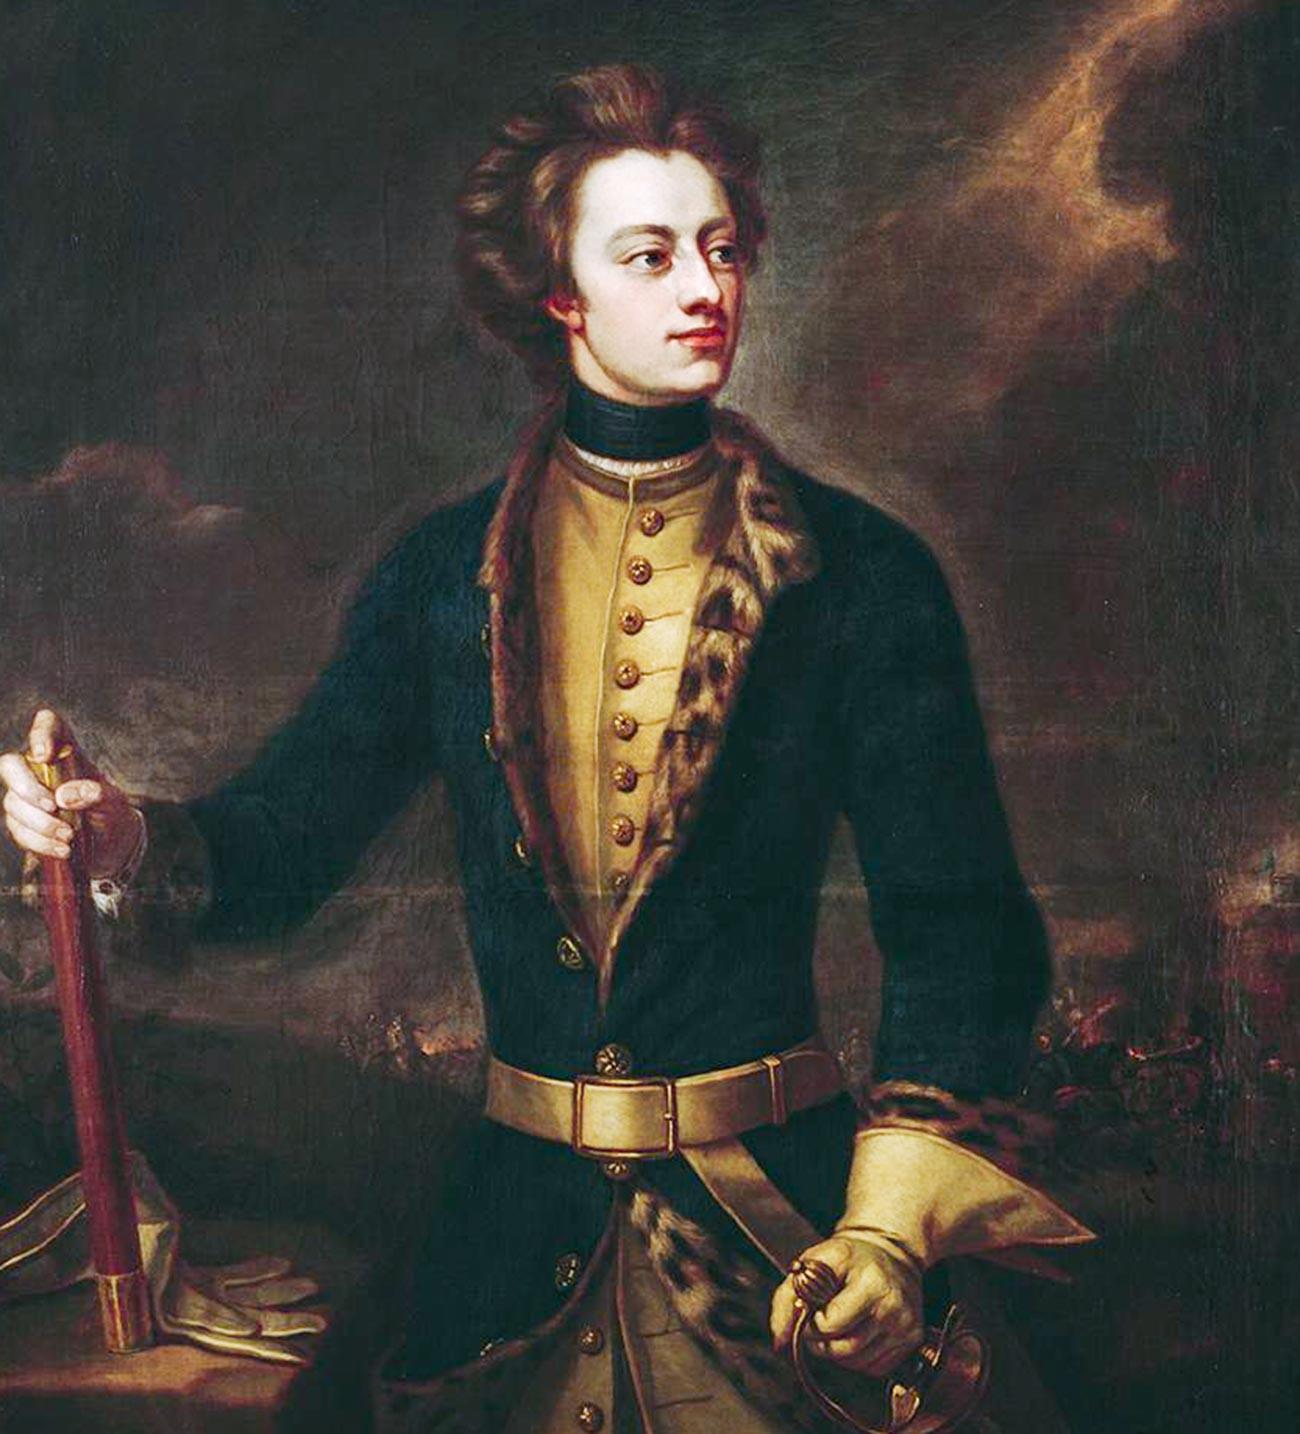 König Karl XII. von Schweden (1682-1718).